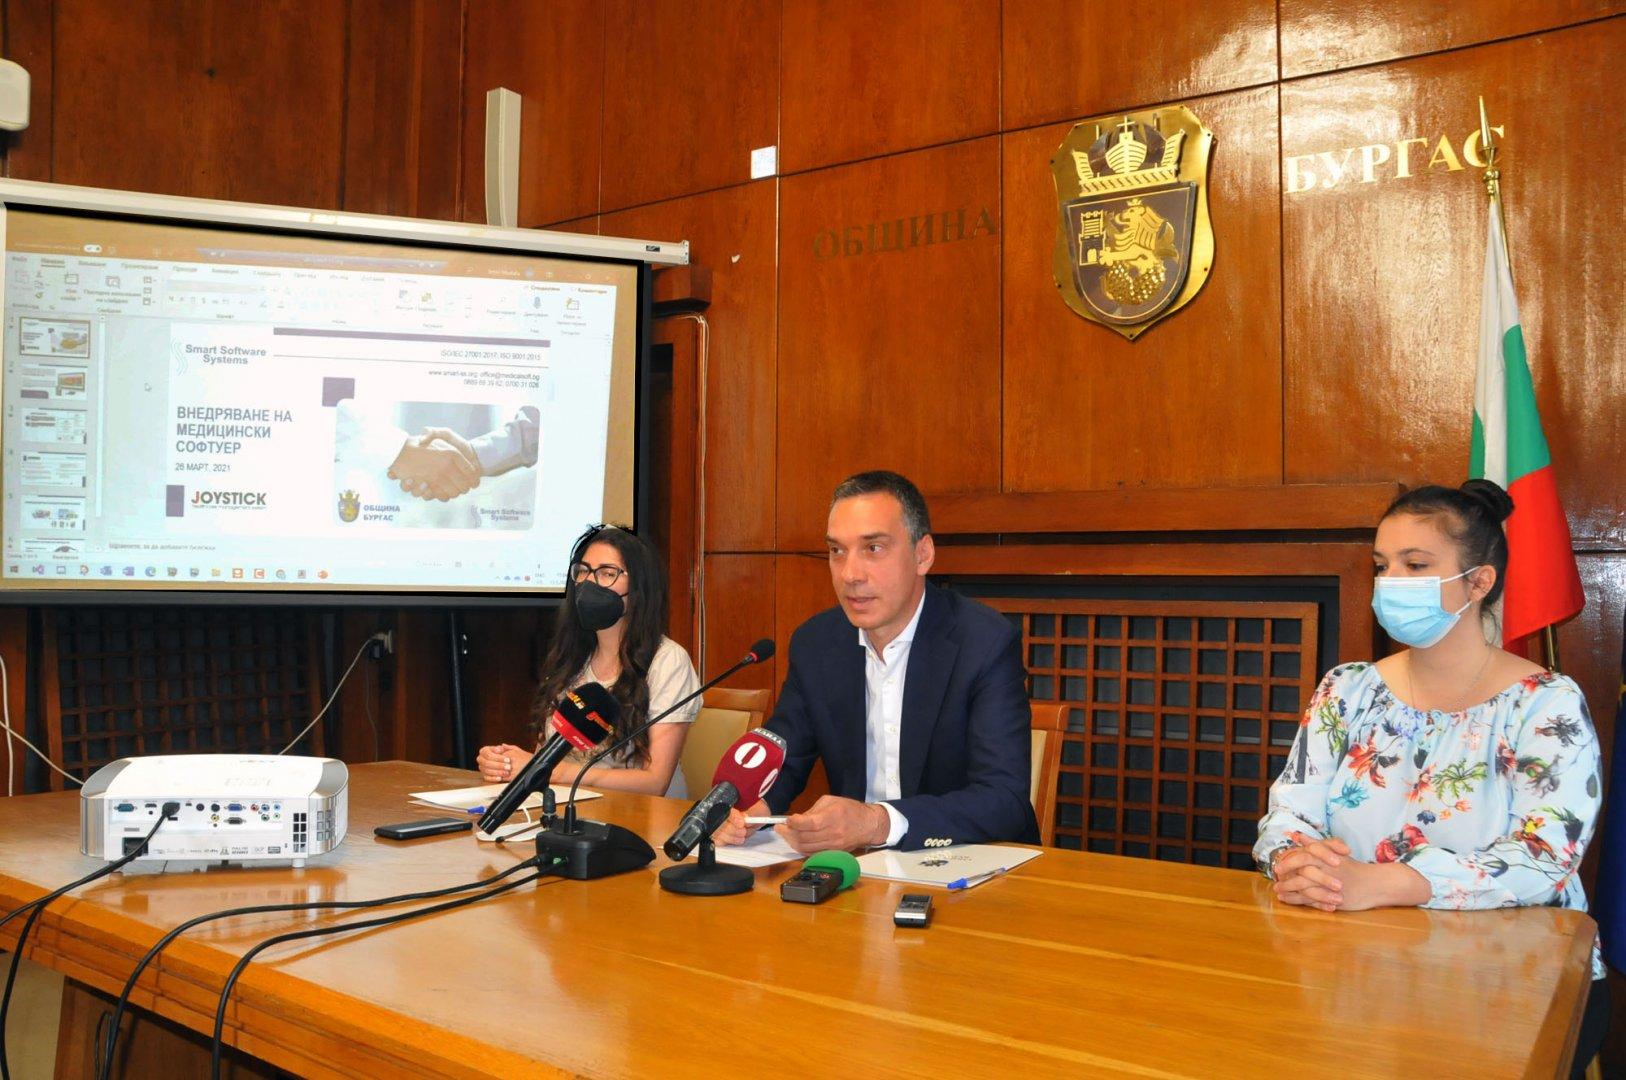 Бургас е първият град, в който се създава такава здравна платформа, каза кметът на града Димитър Николов. Снимки Черноморие-бг